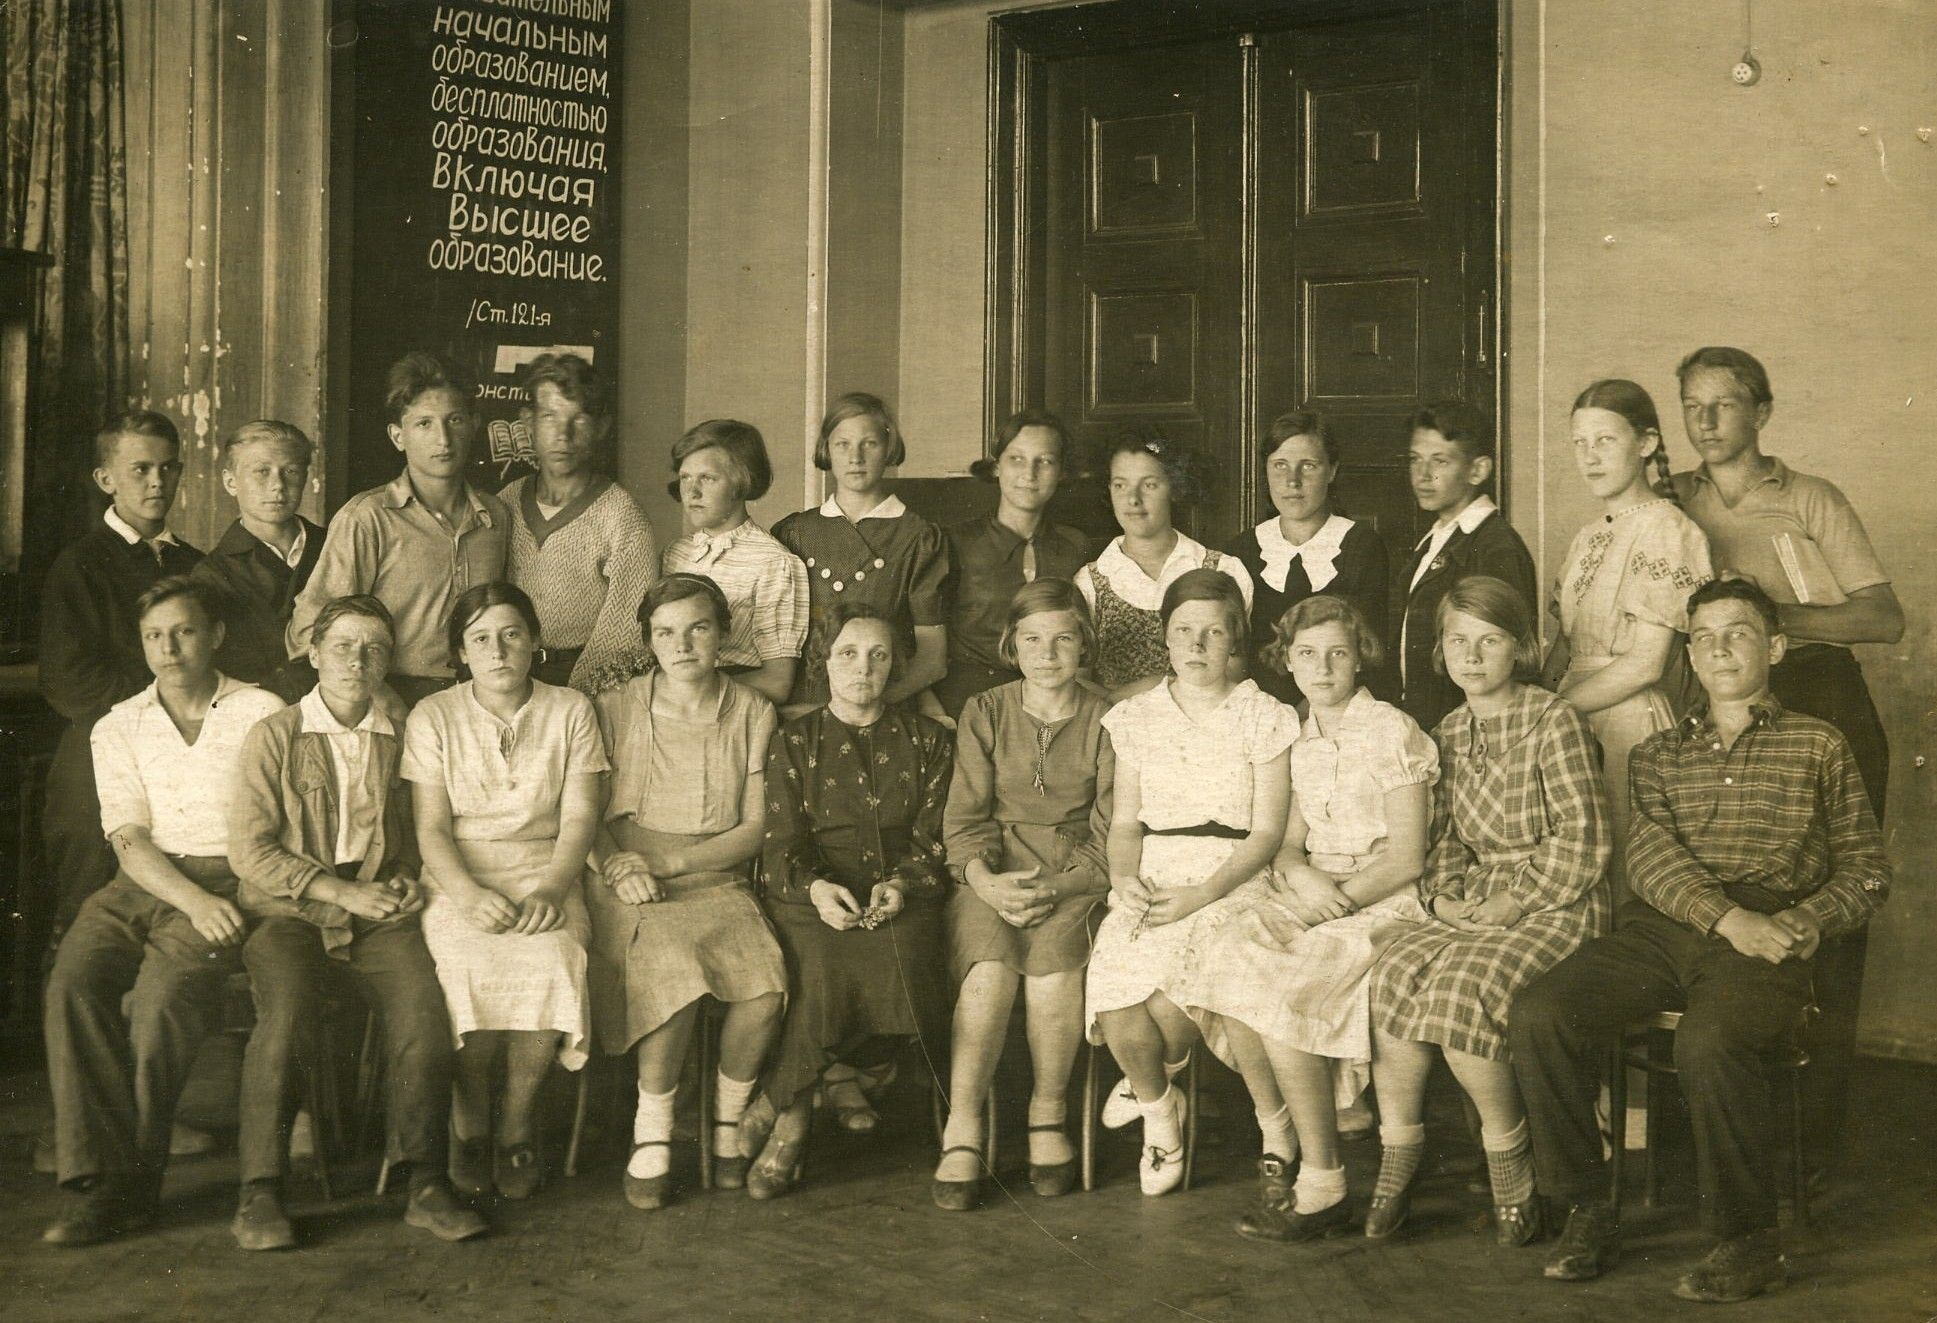 Зоя Космодемьянская (шестая справа в верхнем ряду) с одноклассниками, 1937 год.jpg